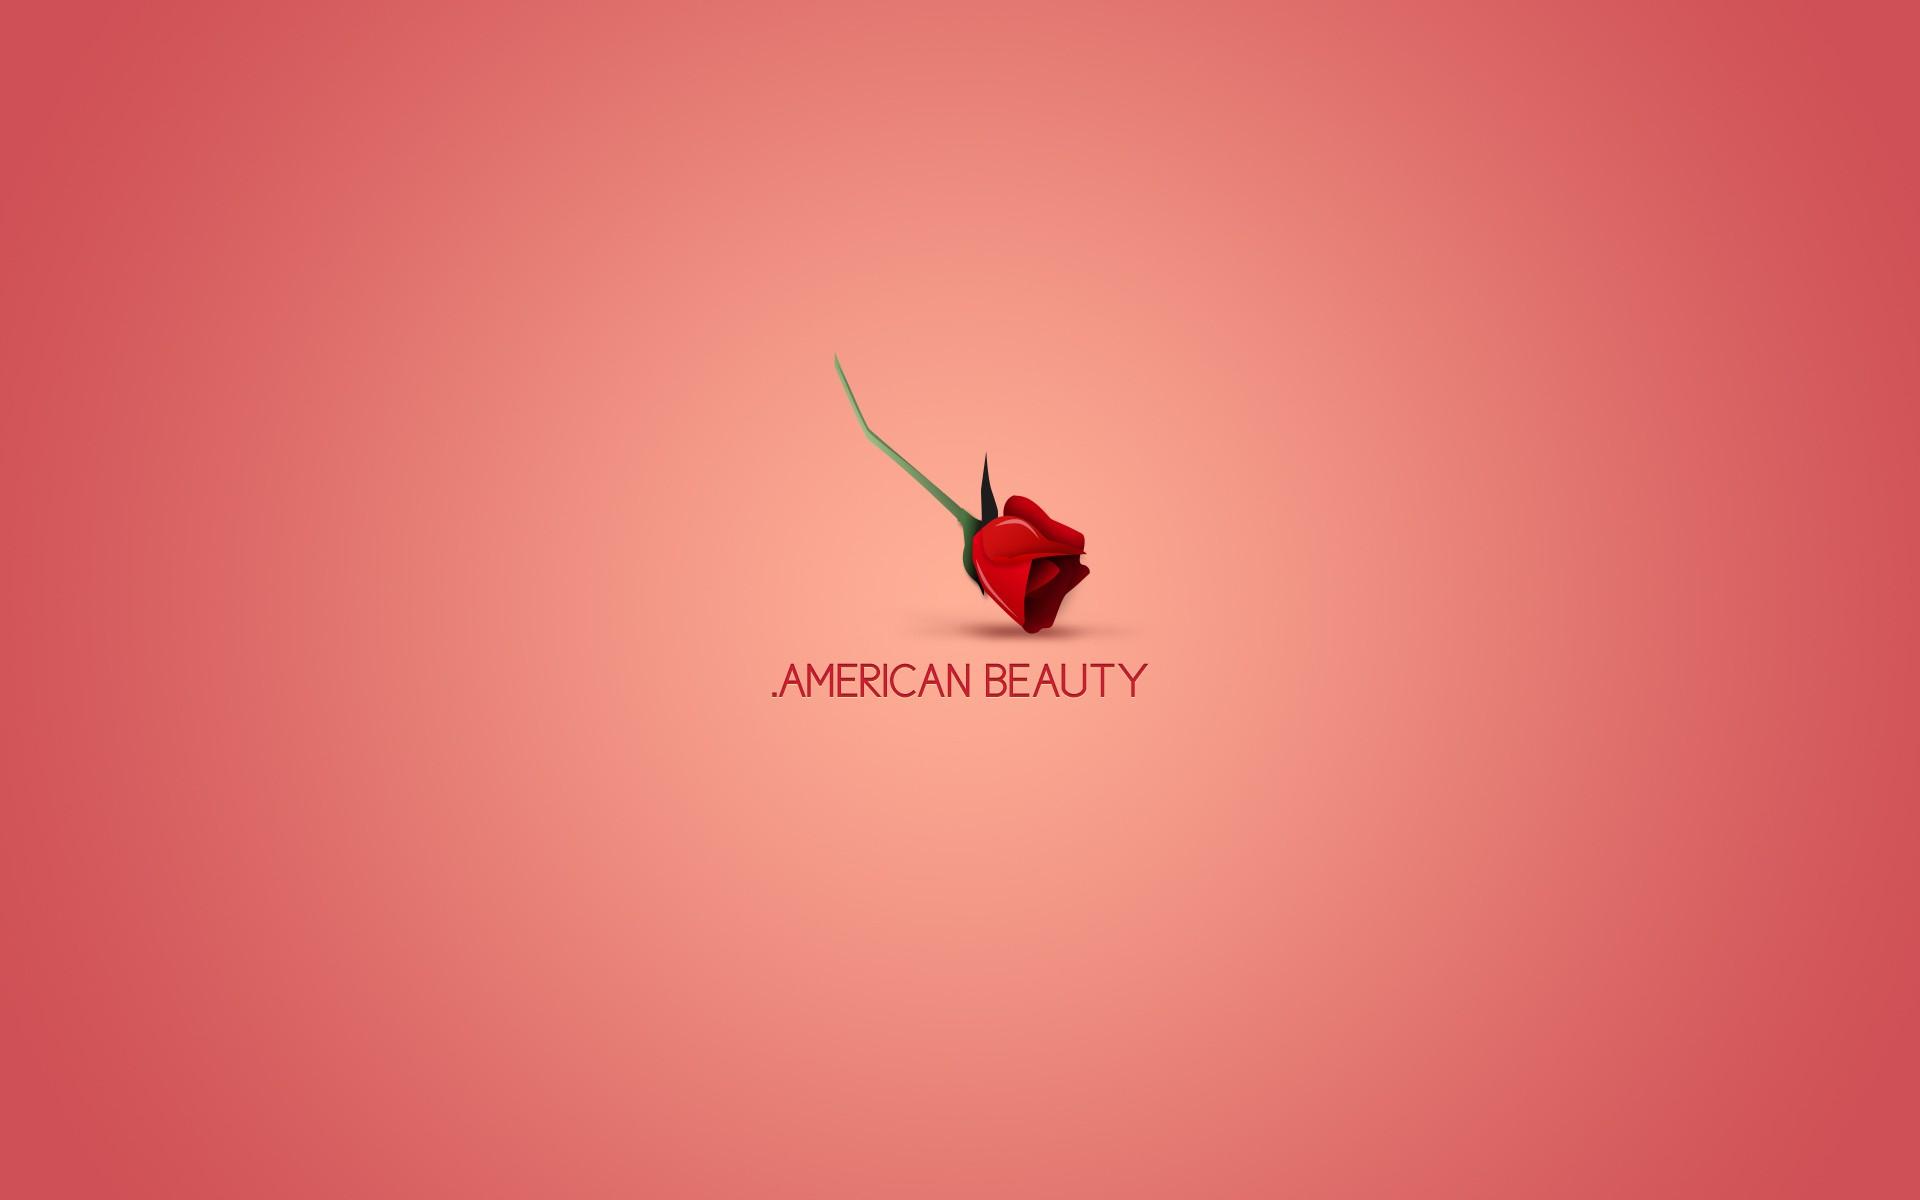 American Beauty Wallpapers HD C787283   4USkY 1920x1200